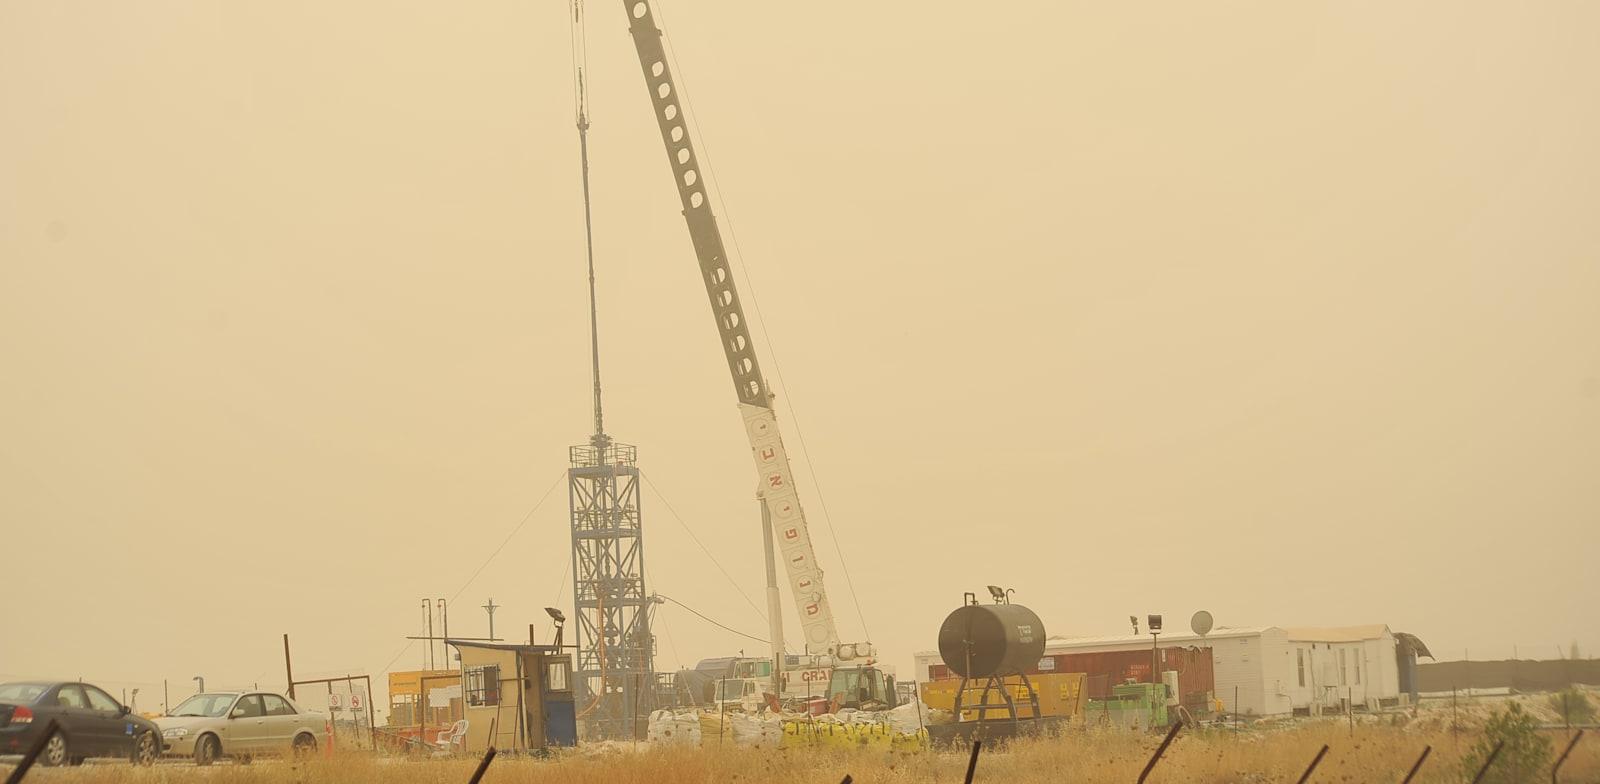 קידוח נפט / צילום: תמר מצפי